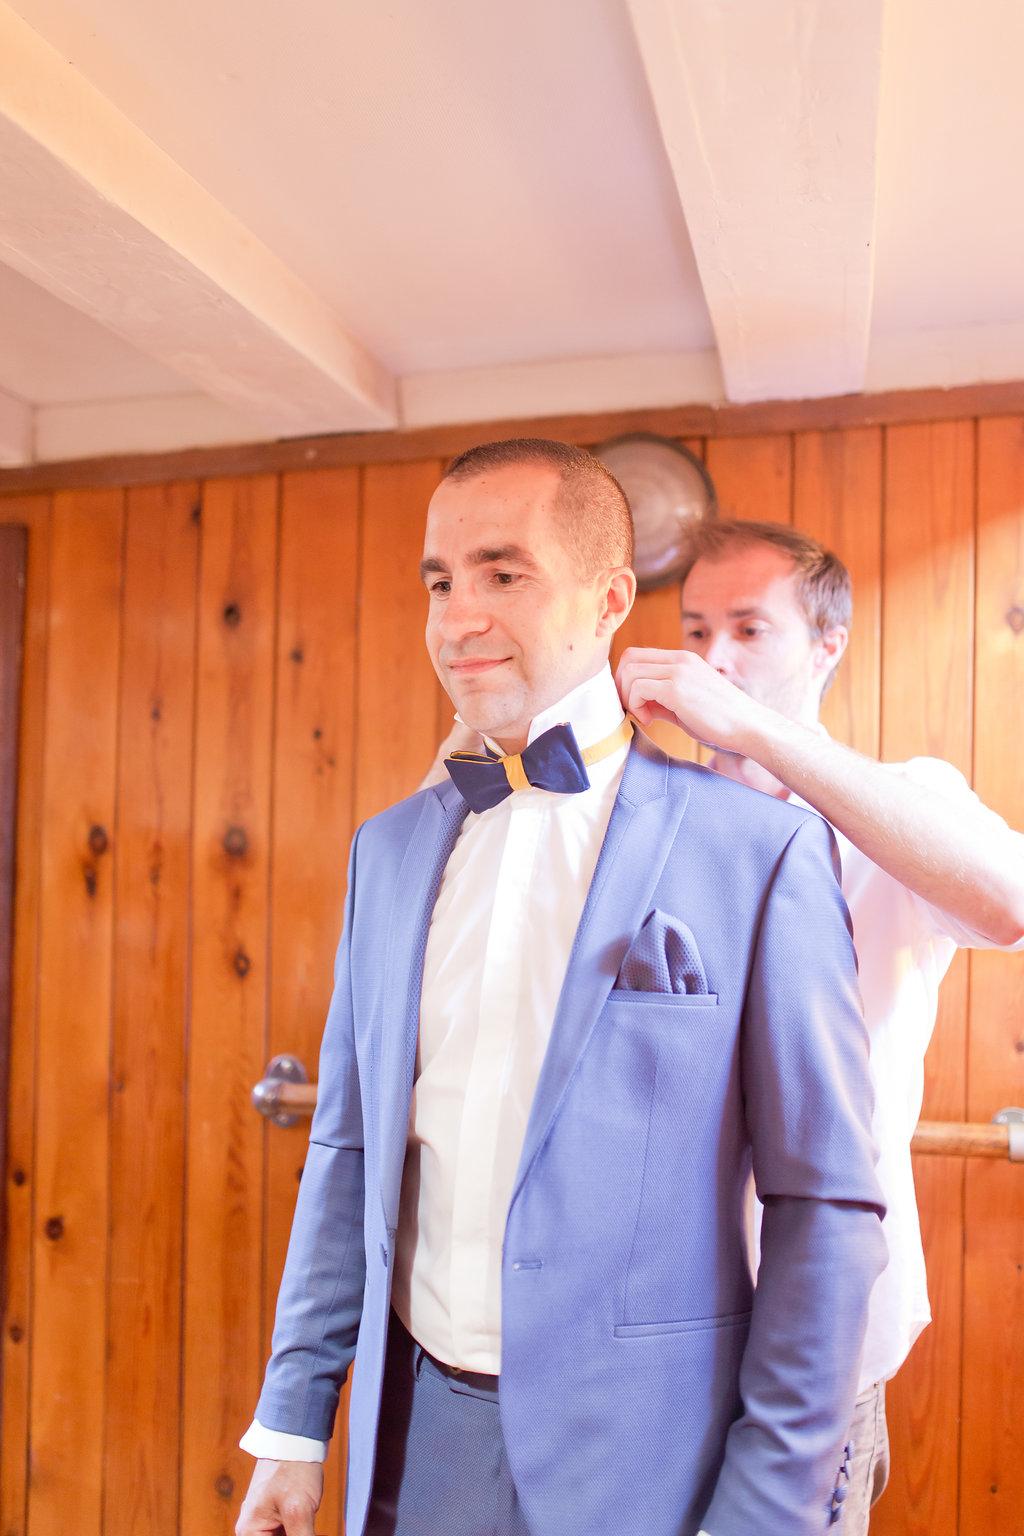 le coeur dans les etoiles - wedding planner - provence - sardaigne - shooting inspiration - mariage voilier - audrey carnoy - preparatifs marie 1